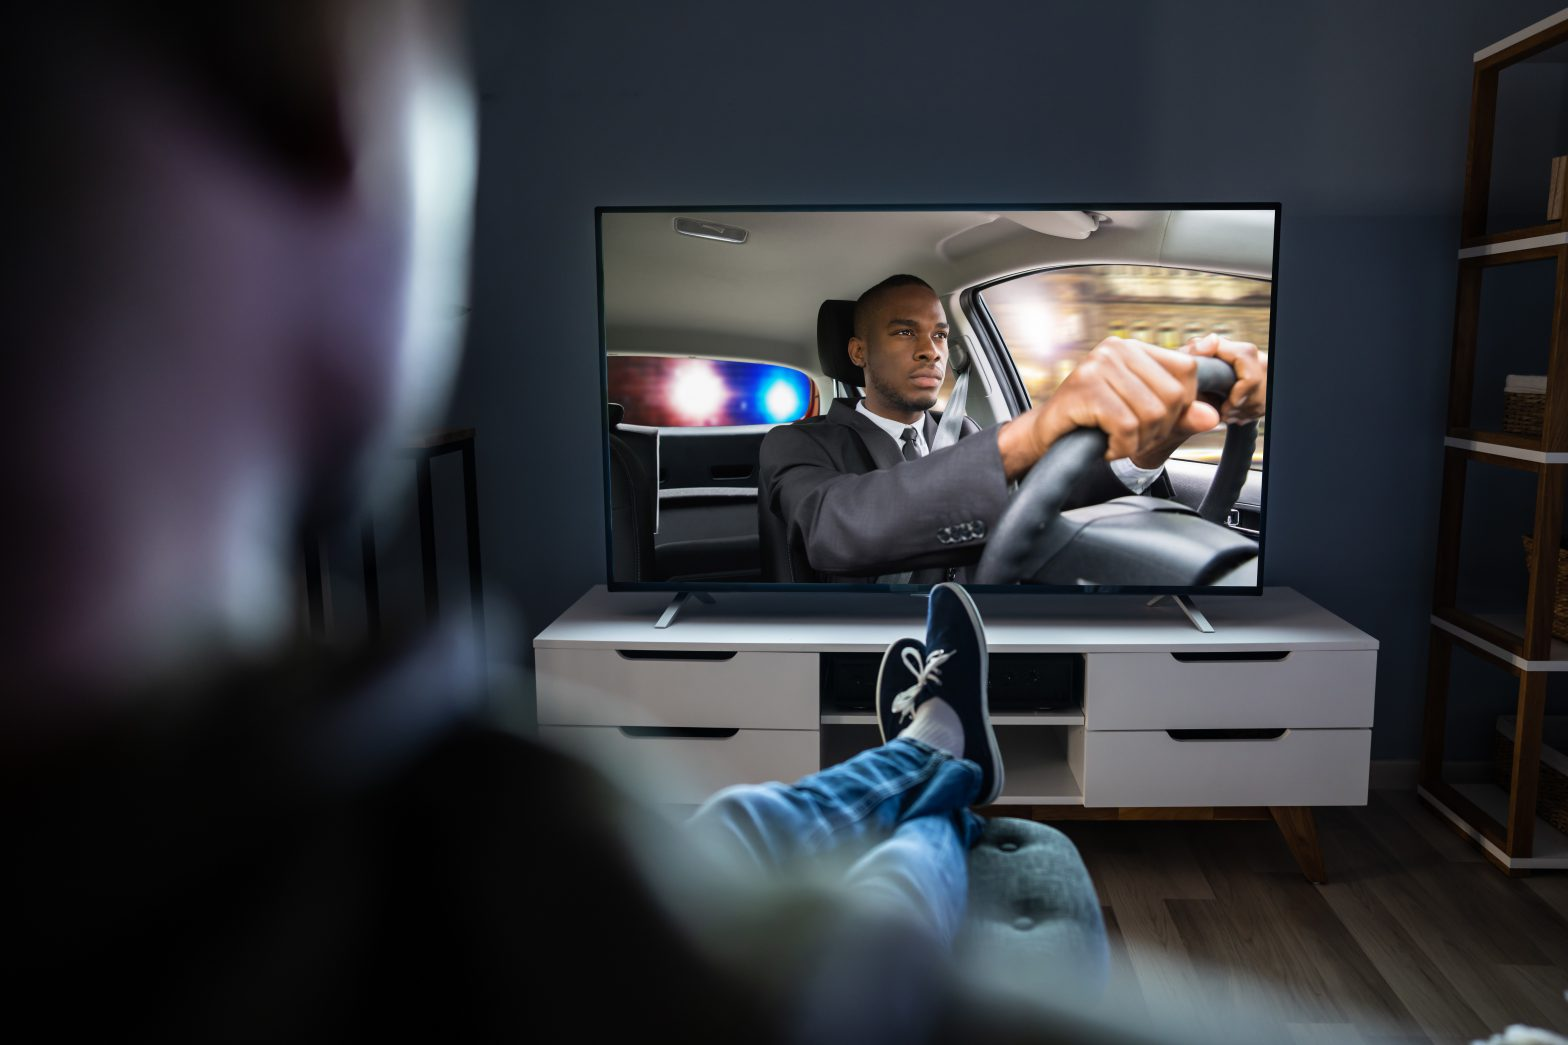 Multiroom – jak oglądać różne kanały na kilku telewizorach jednocześnie?